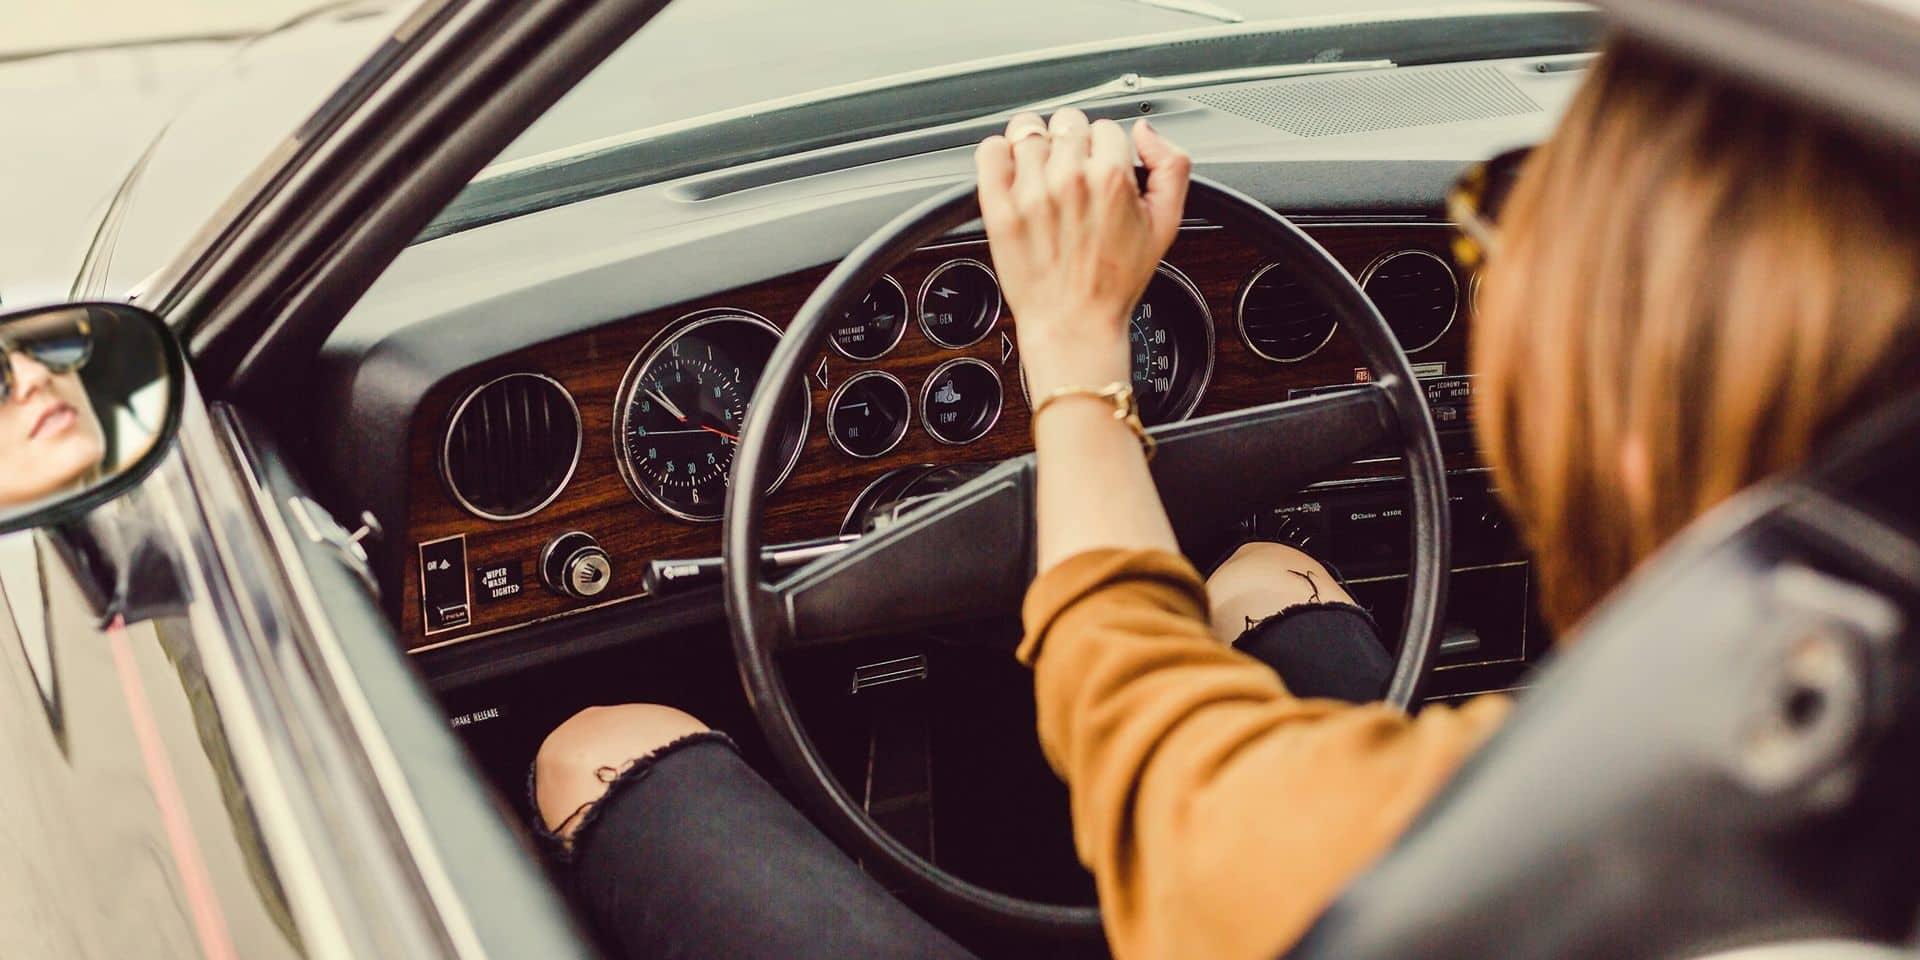 Ce 24 juin est la Journée Internationale des conductrices